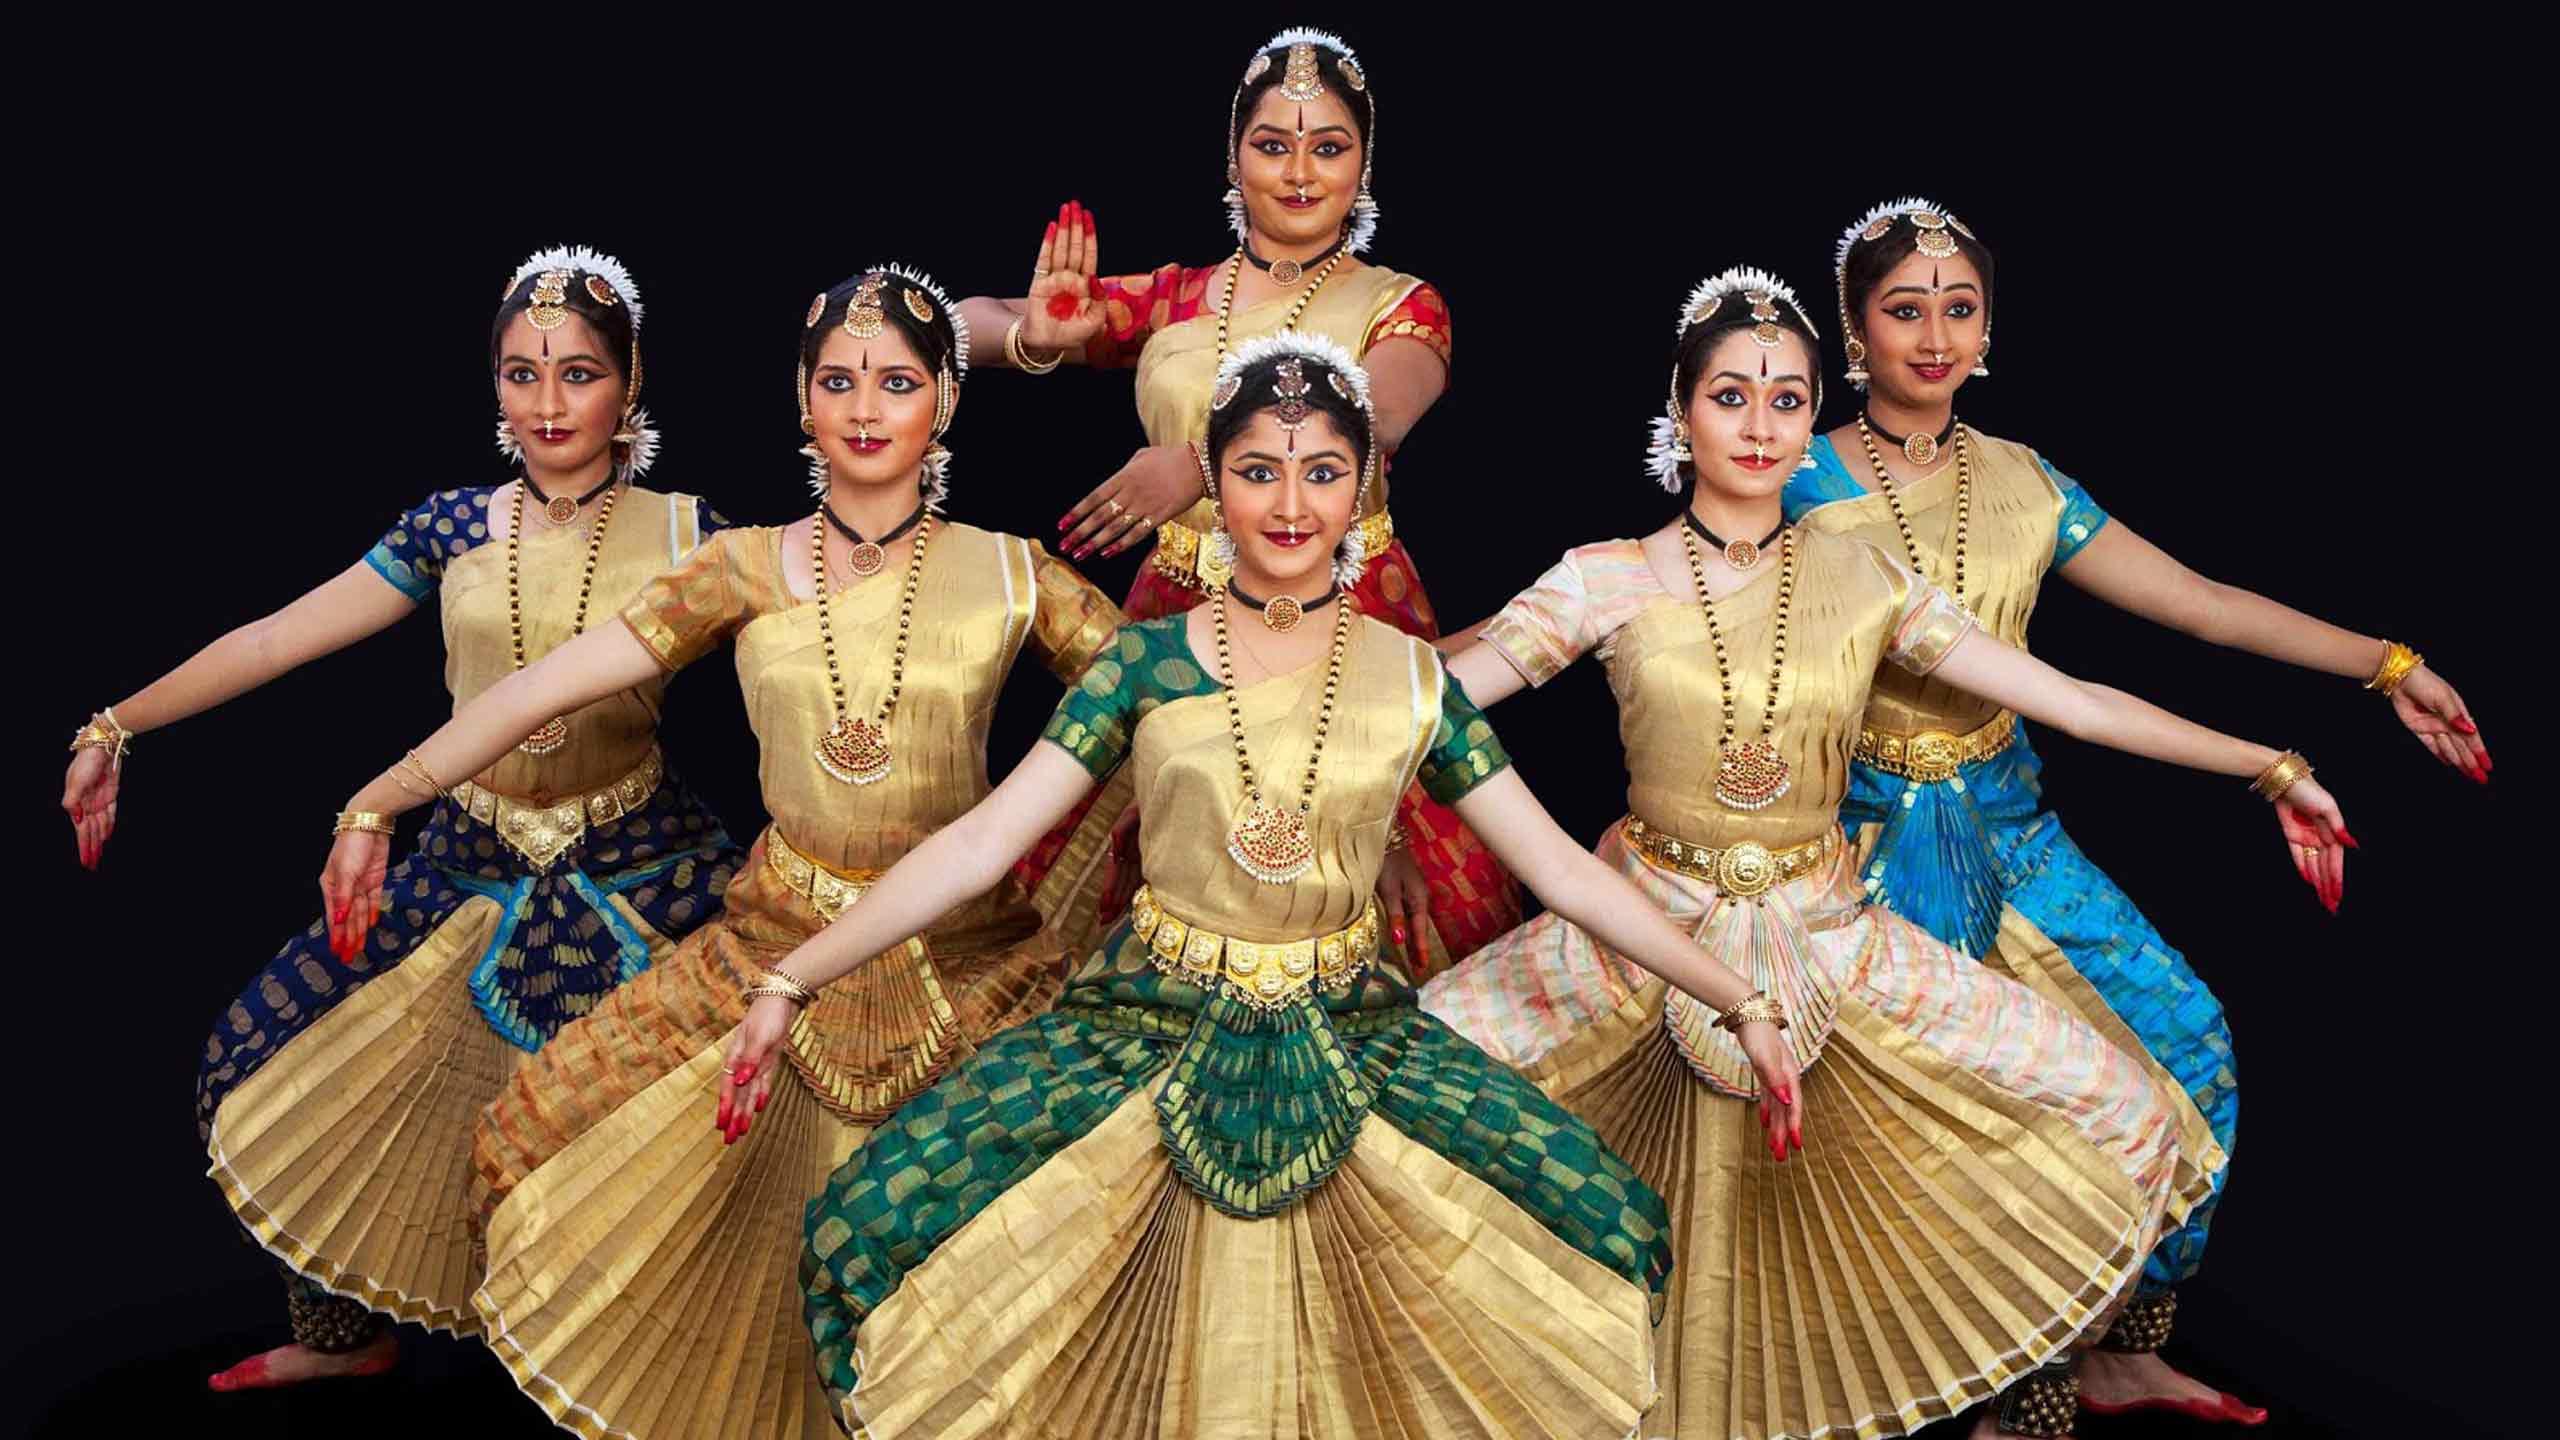 جشنواره بینالمللی فیلم بمبئی